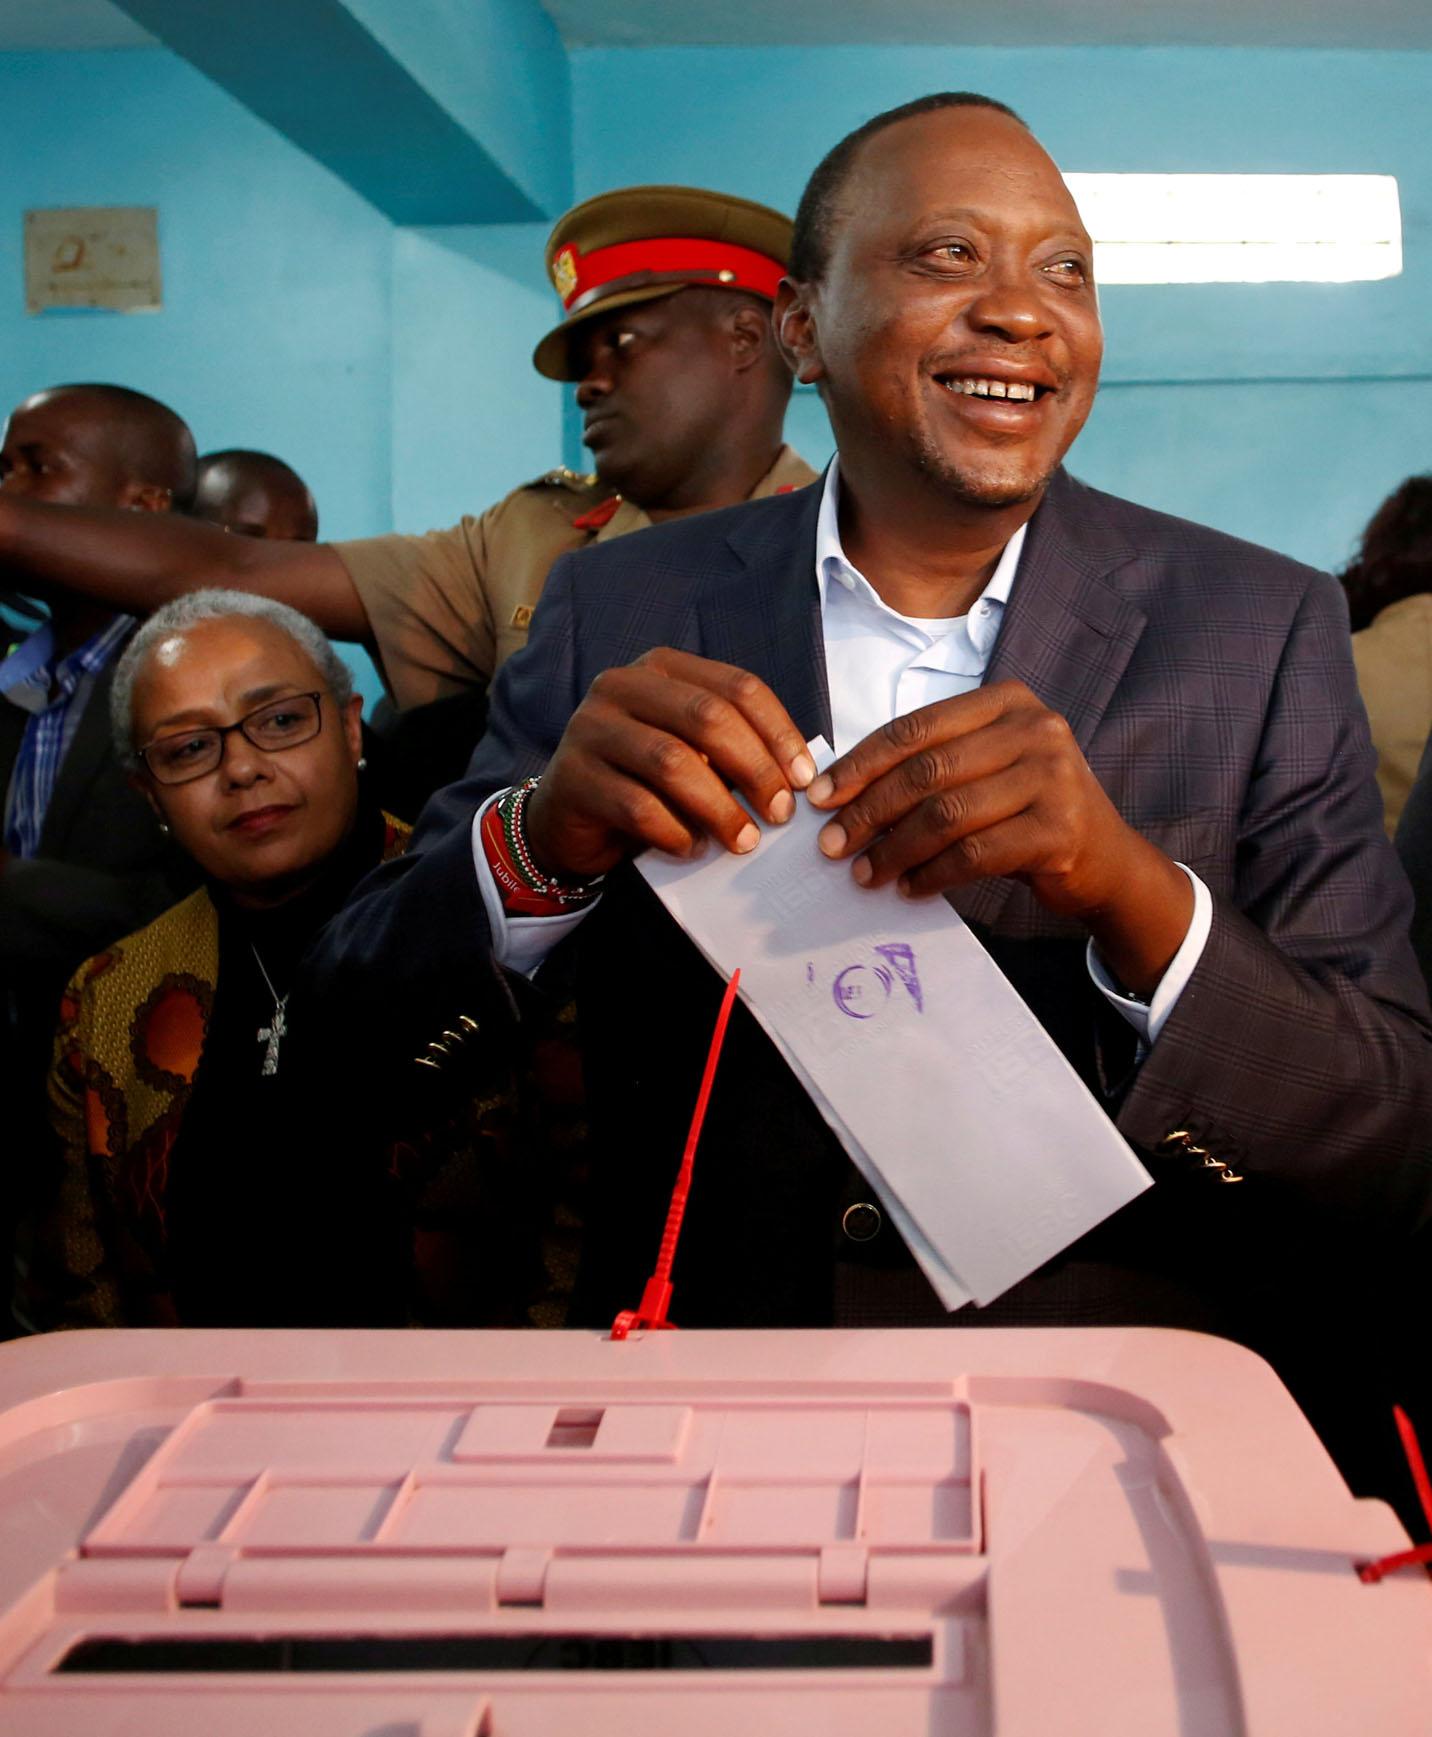 Nelle elezioni presidenziali dello scorso 8 agosto, oggi invalidate dalla Corte suprema del Kenya, si era imposto il presidente uscente Uhuru Kenyatta